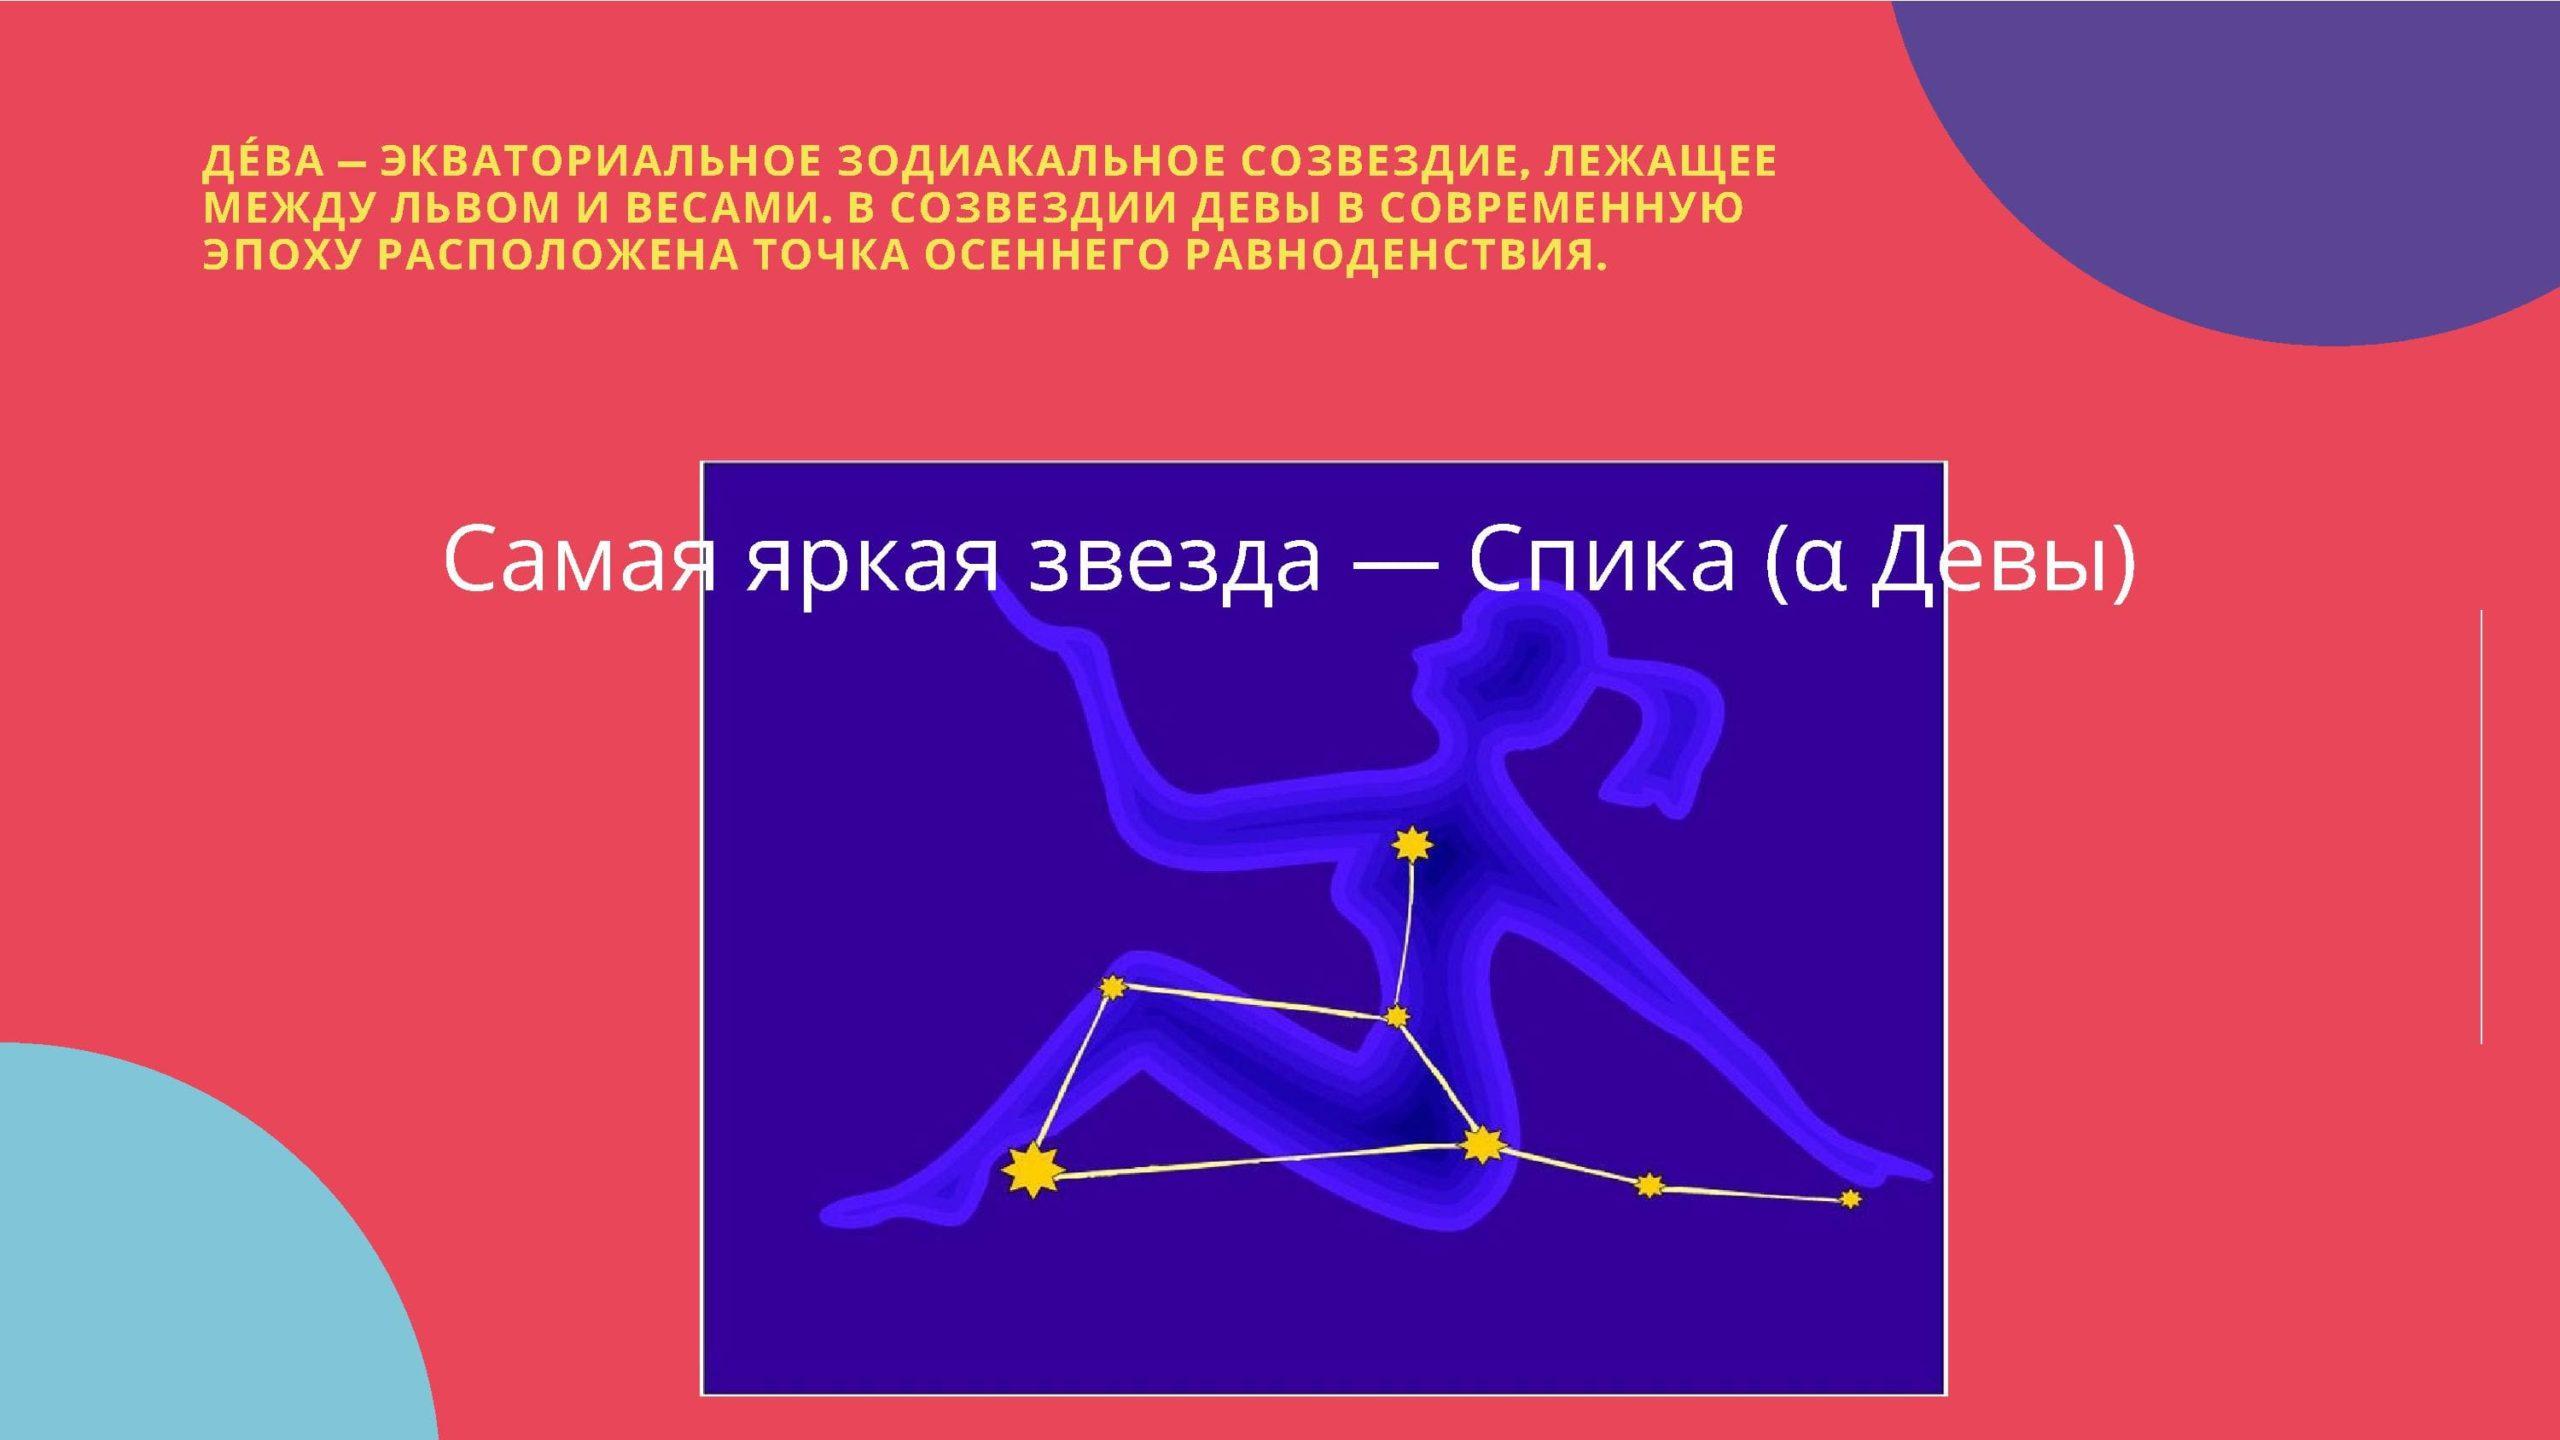 Самая яркая звезда - Спика (α Девы)